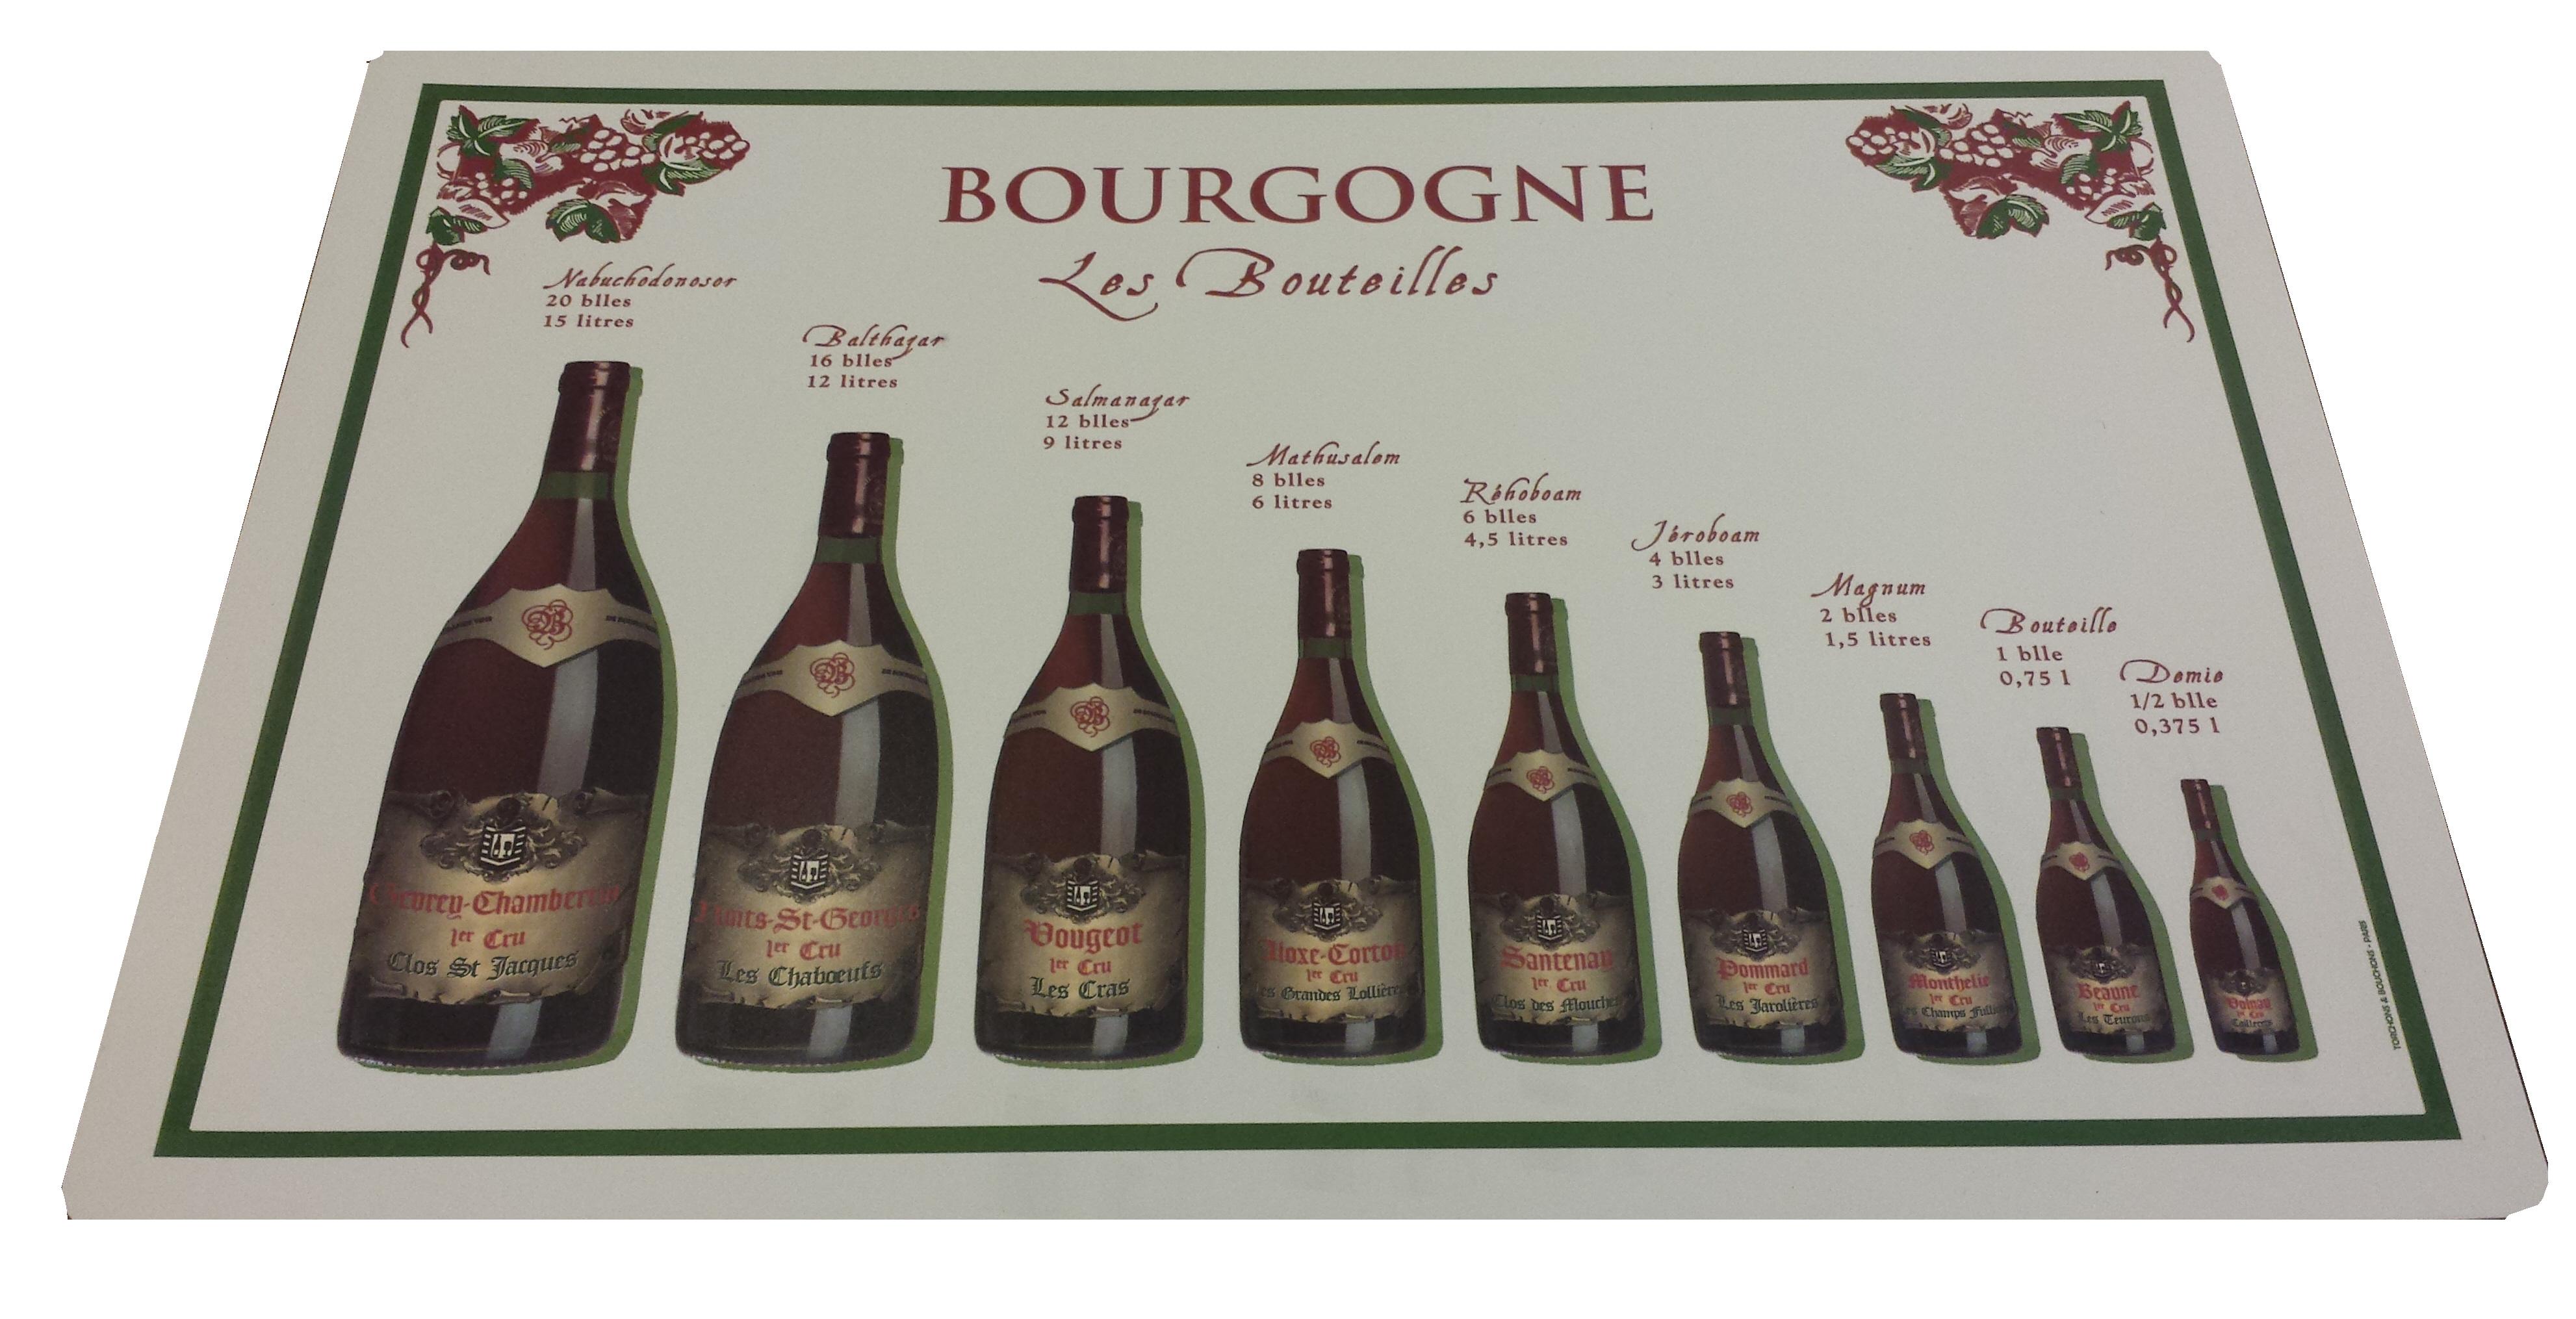 Bordstablett med vinflaskor från Bourgogne